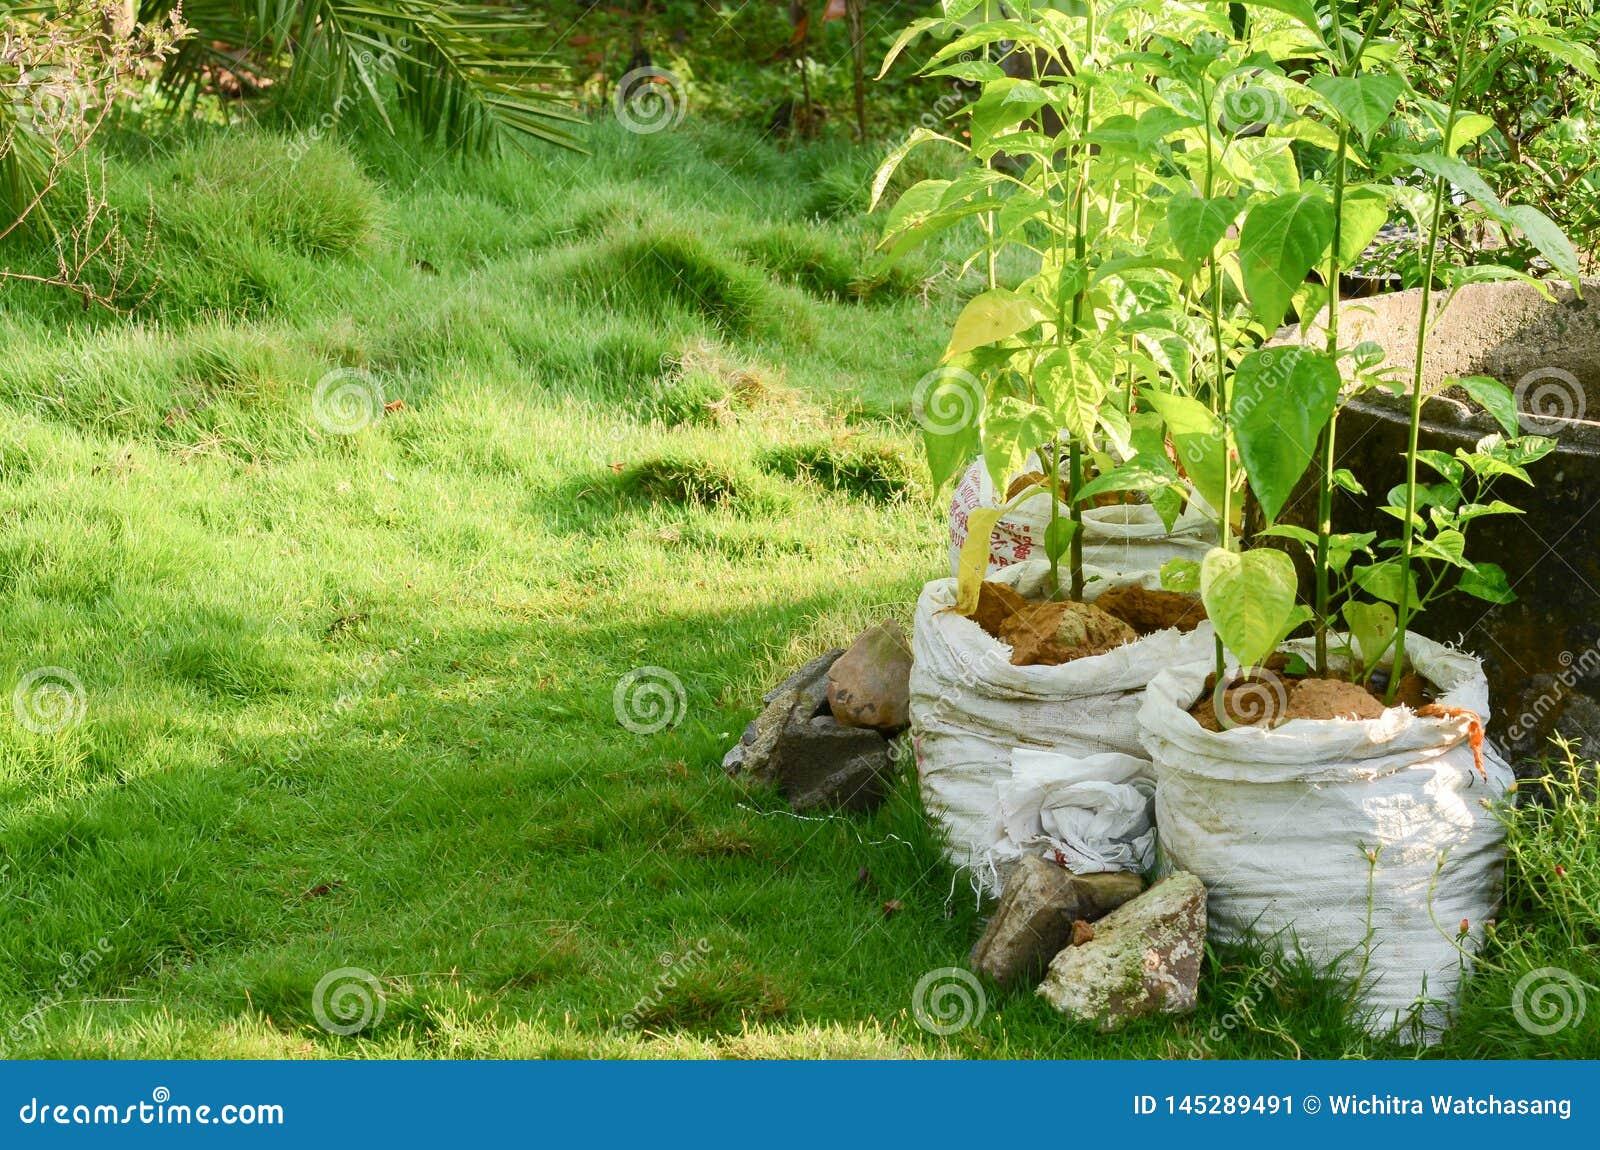 Το γεωργικό σύστημα στην Ταϊλάνδη, όνομα είναι οικονομία επαρκειών τη